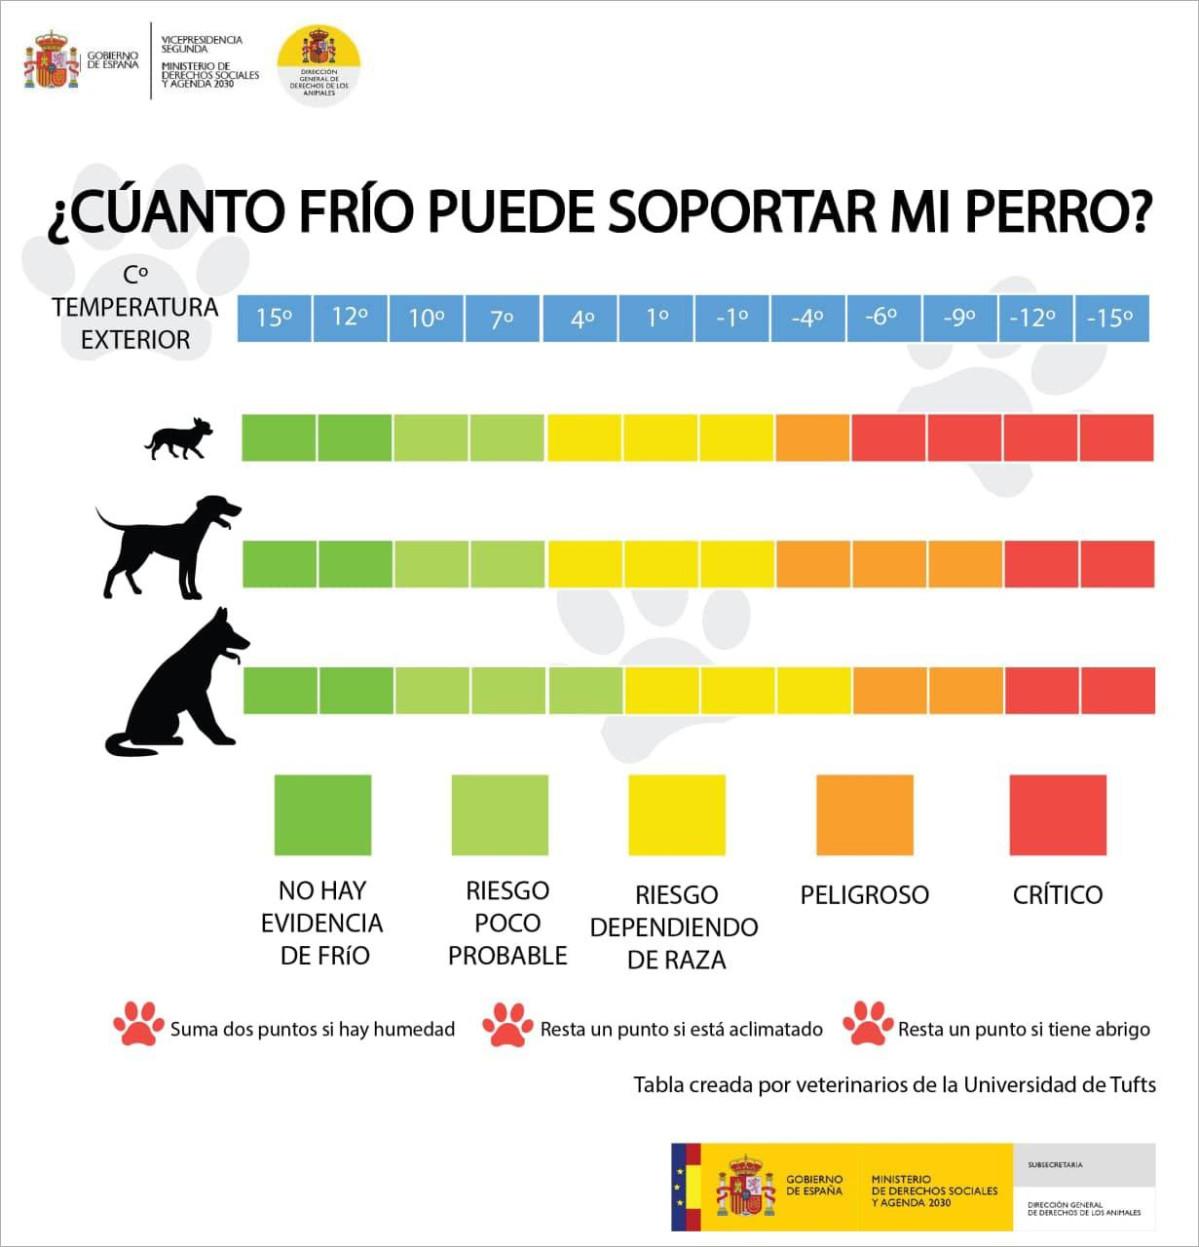 Linea cuanto frio puede soportar perro infografia dchos animales